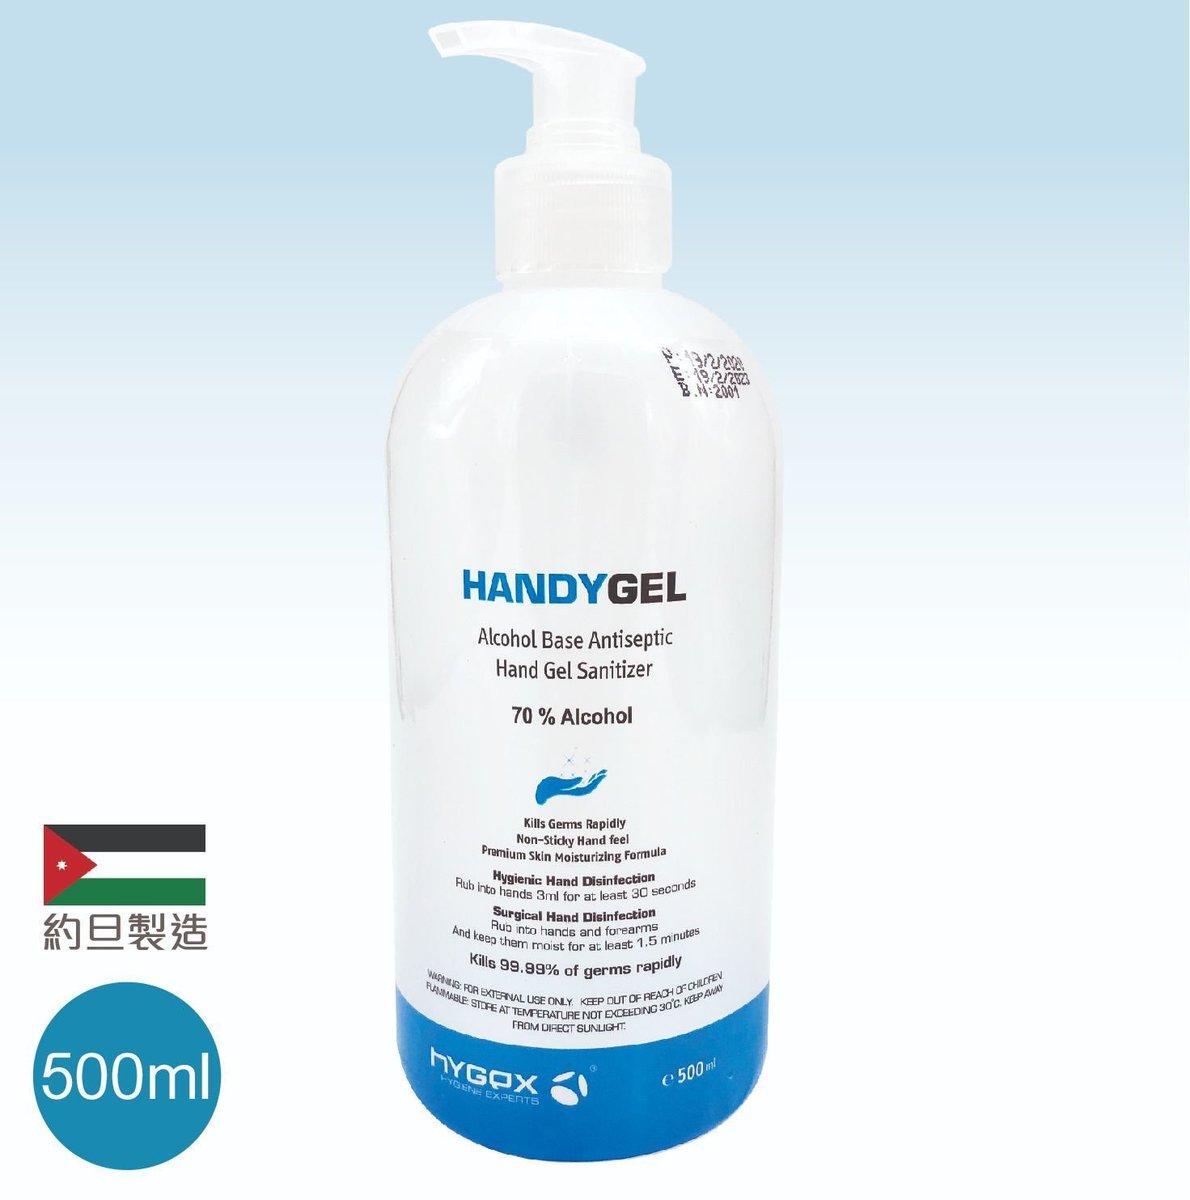 HYGEX -消毒除菌搓手液 70% 酒精(500ML) [約旦製造]